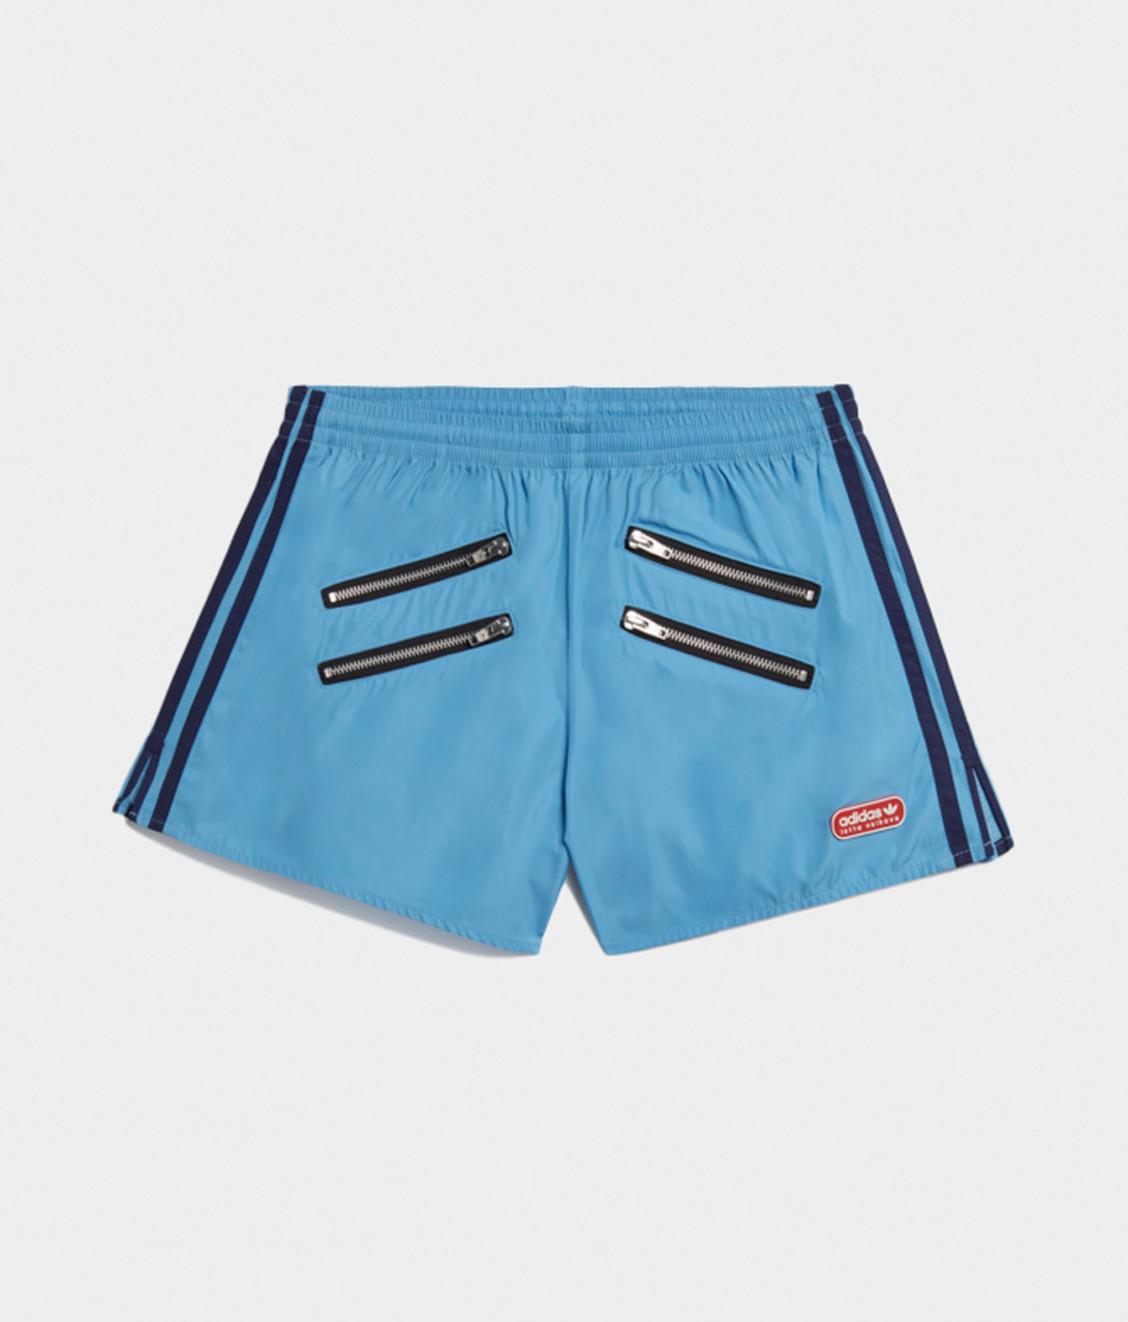 Adidas Adidas Lotta Volkova Zip Short Light Blue